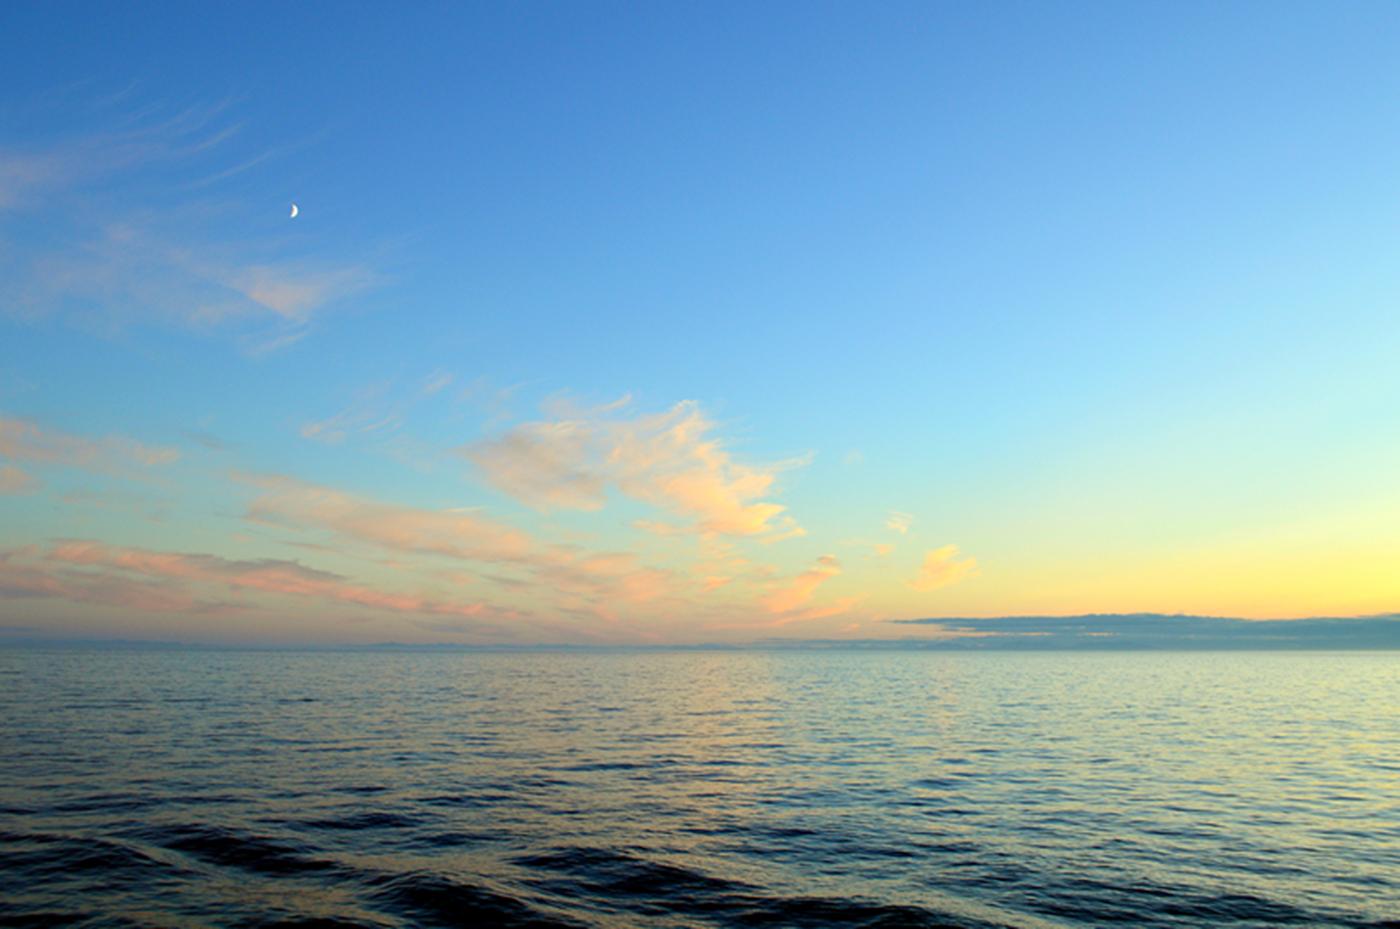 阿拉斯加,那山、那水、那人……_图1-12